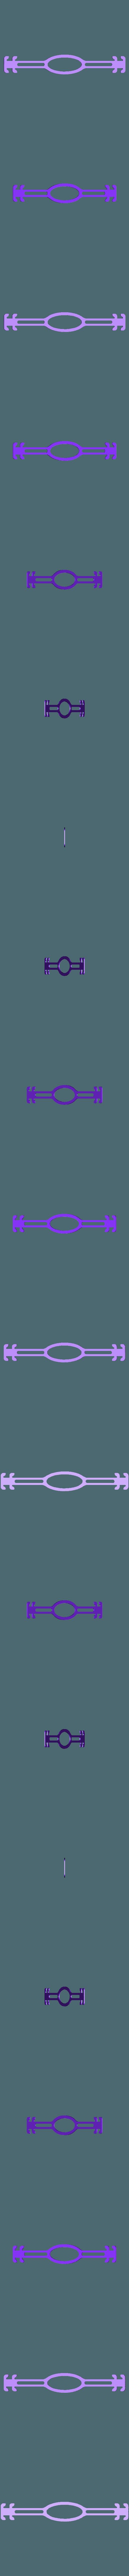 Telecharger Fichier Stl Gratuit Bande De Connexion D Extension Reglable Pour Les Masques Faciaux Plan A Imprimer En 3d Cults